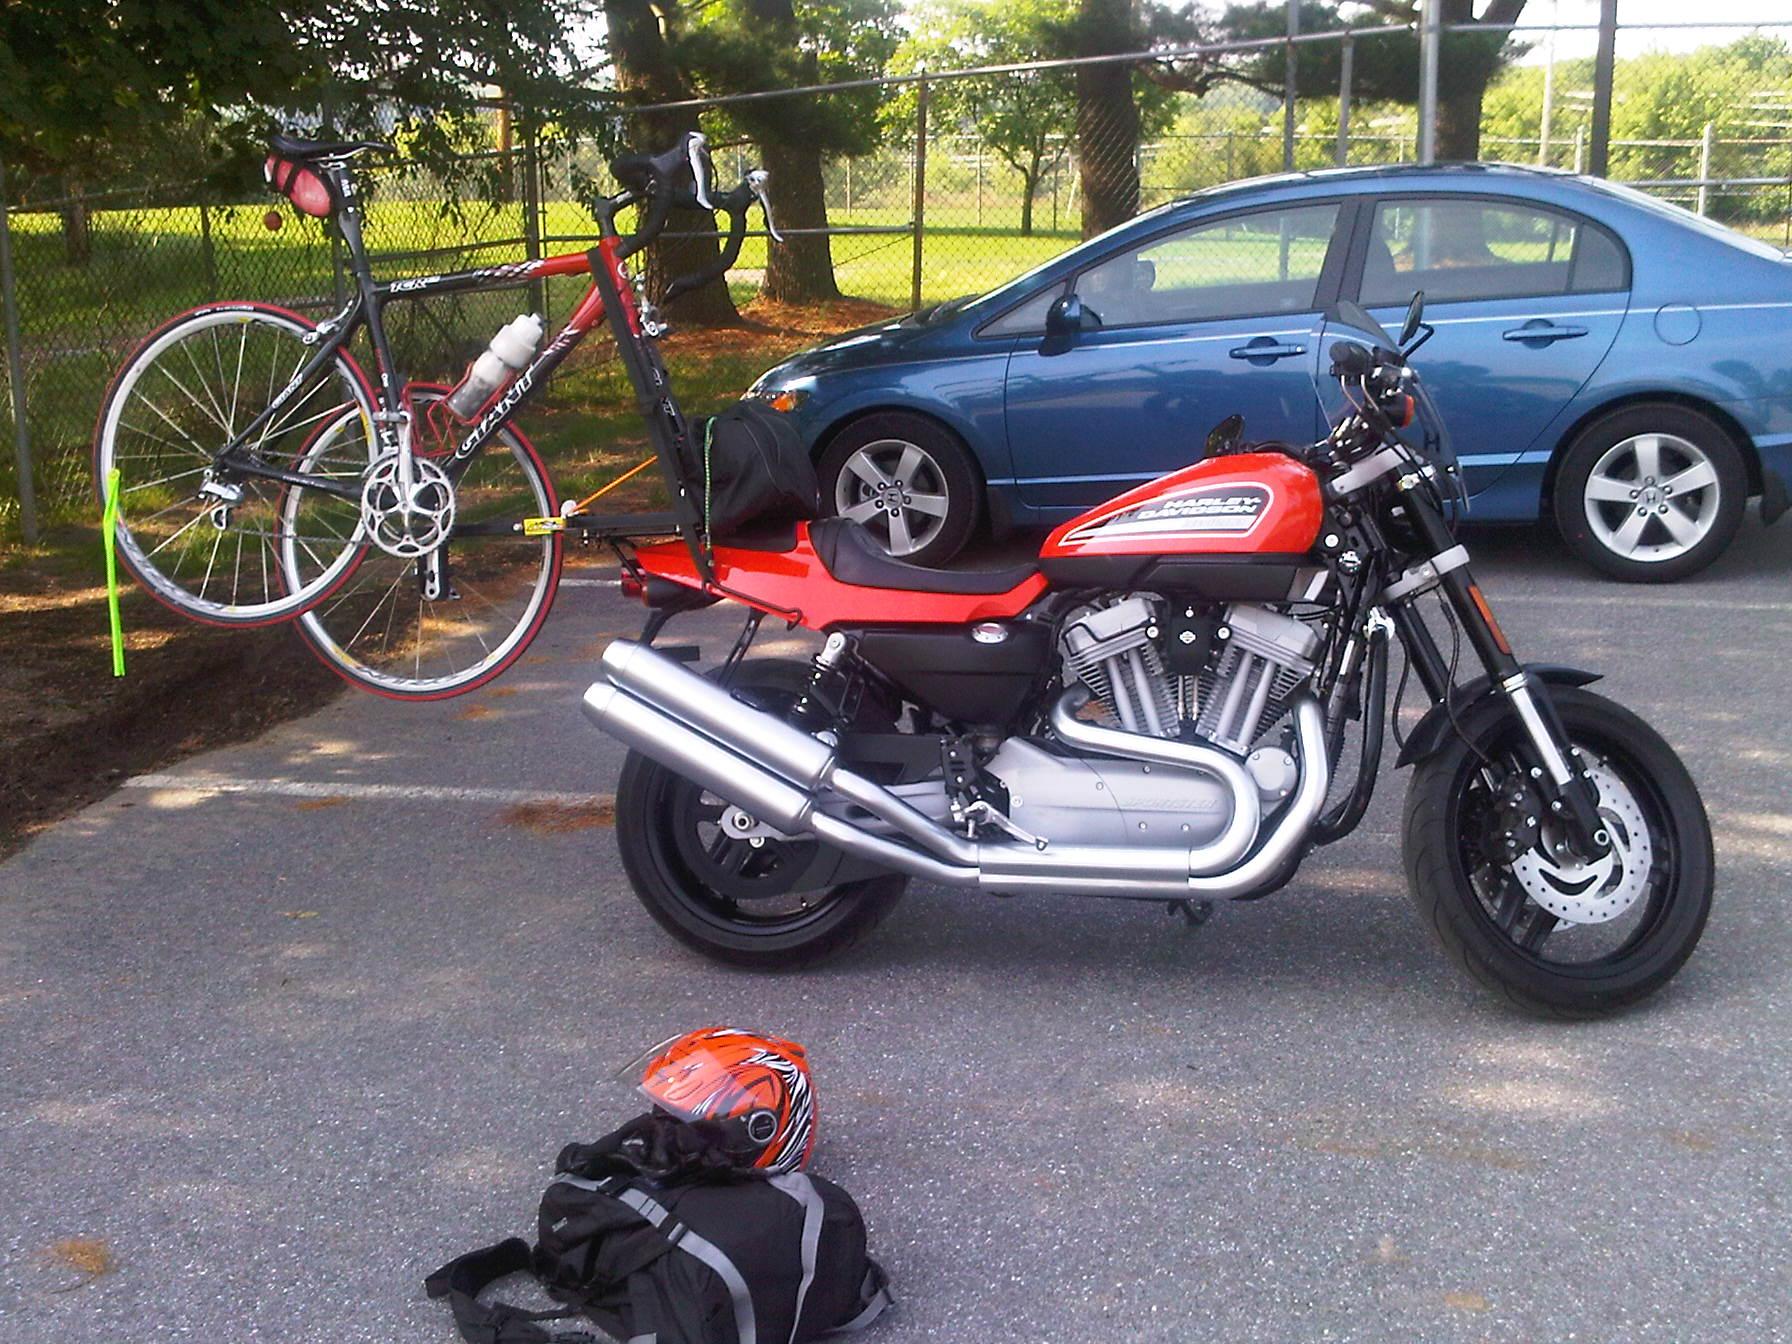 Harley Davidson Indian Bicycle Carrier Horizontal 2